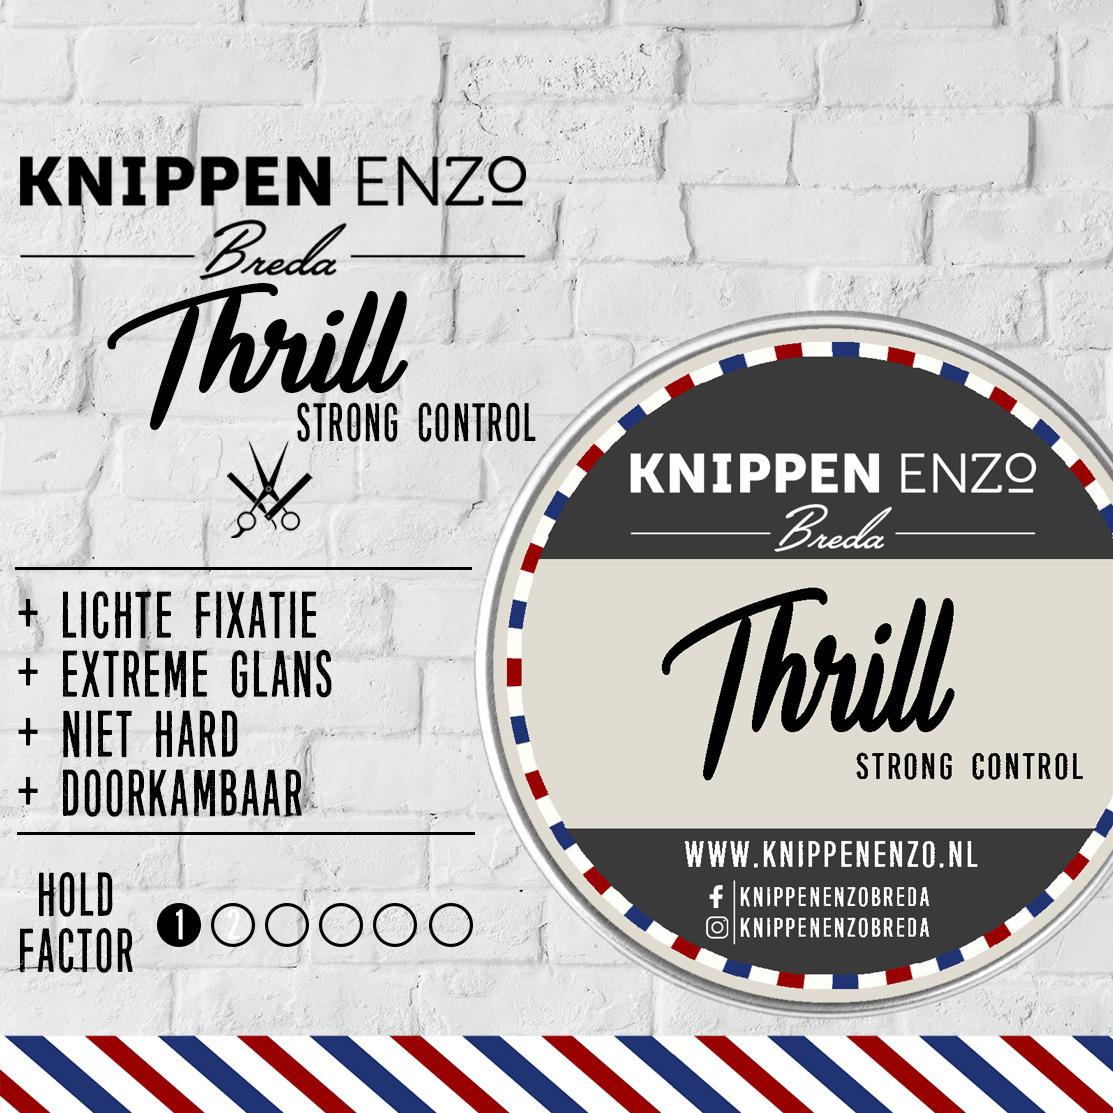 Thrill Knippen Enzo Breda